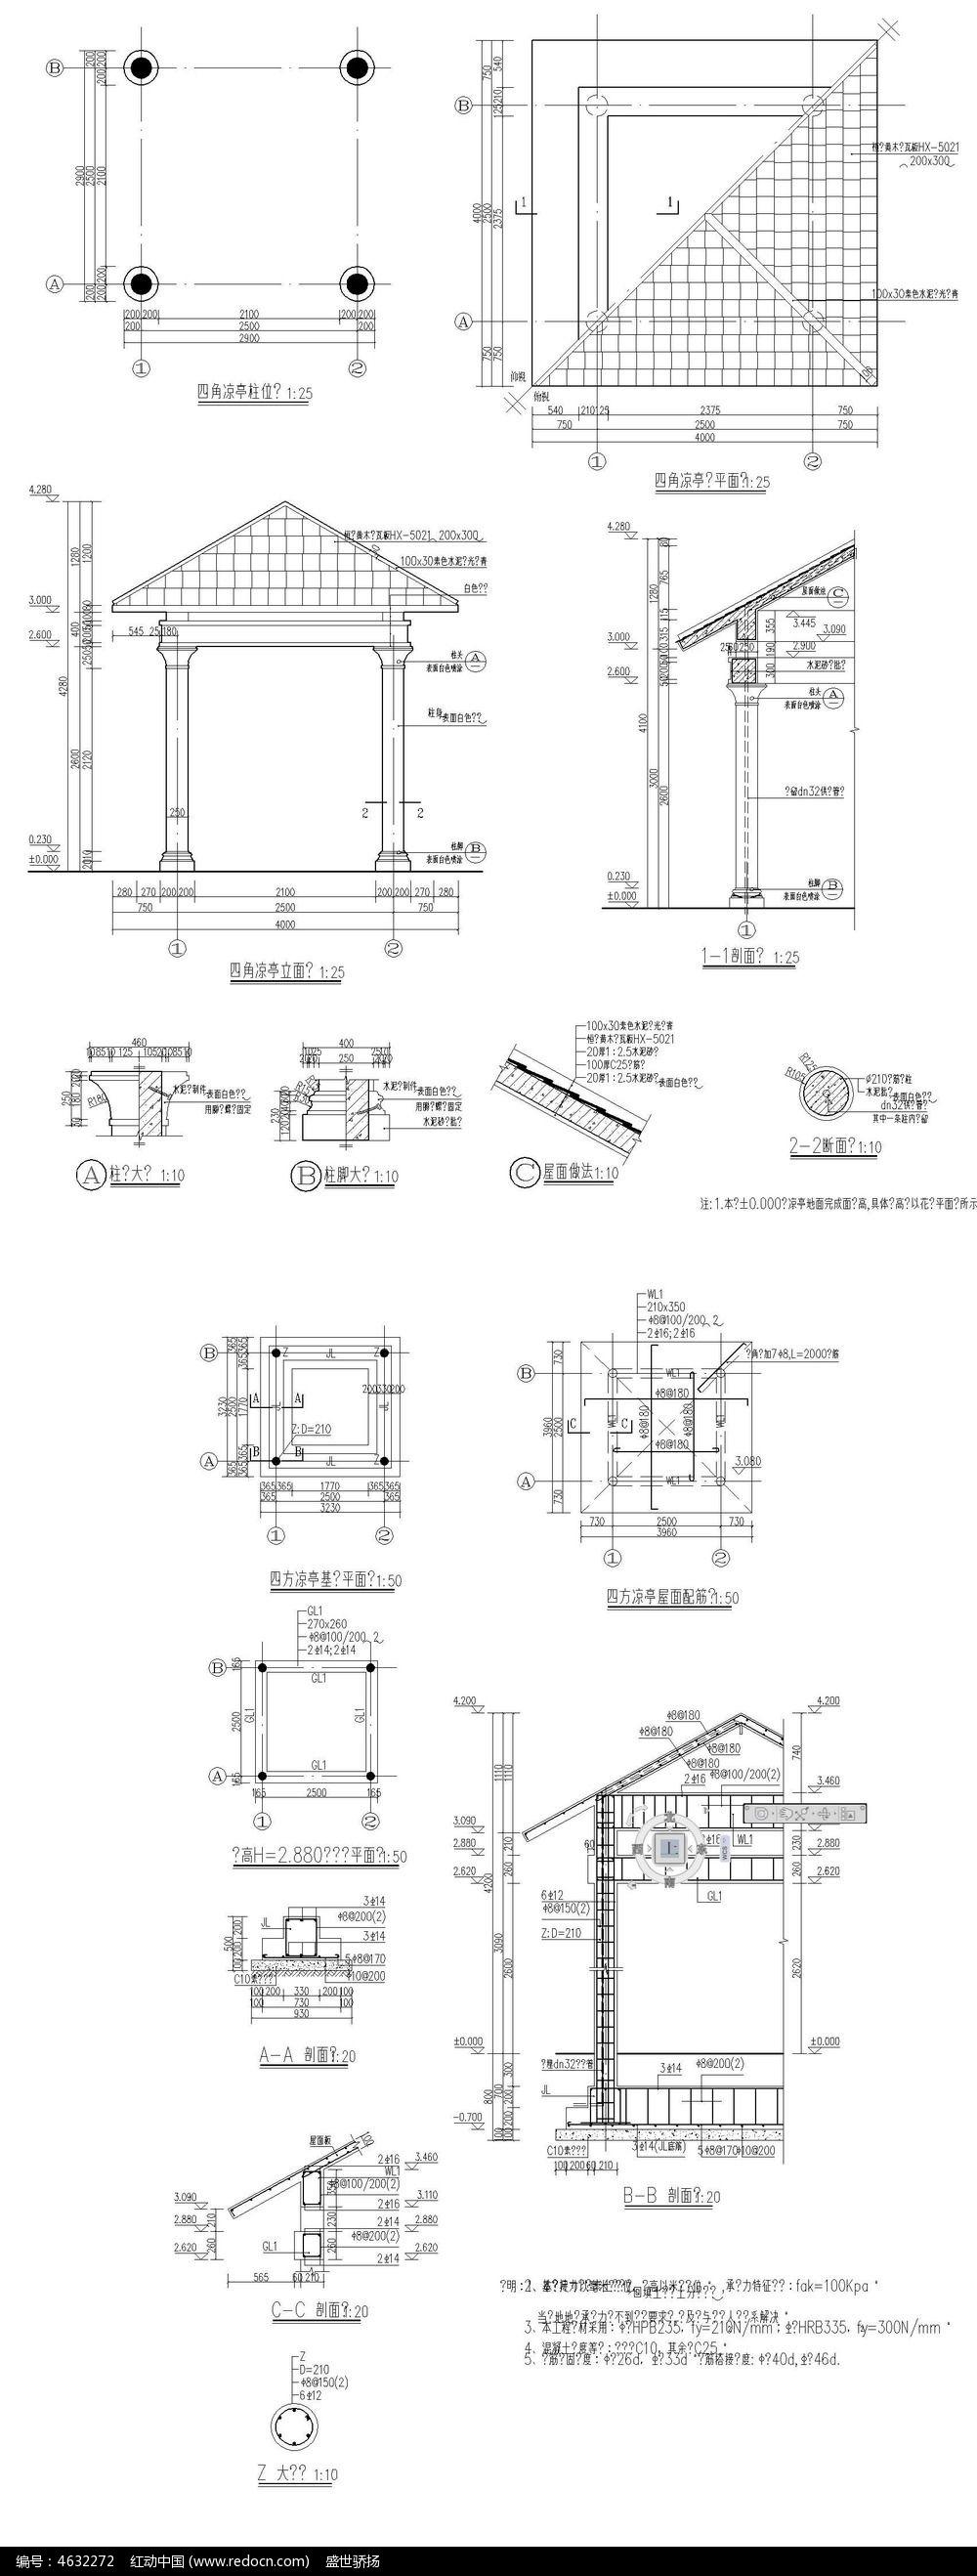 电路 电路图 电子 原理图 1000_2636 竖版 竖屏